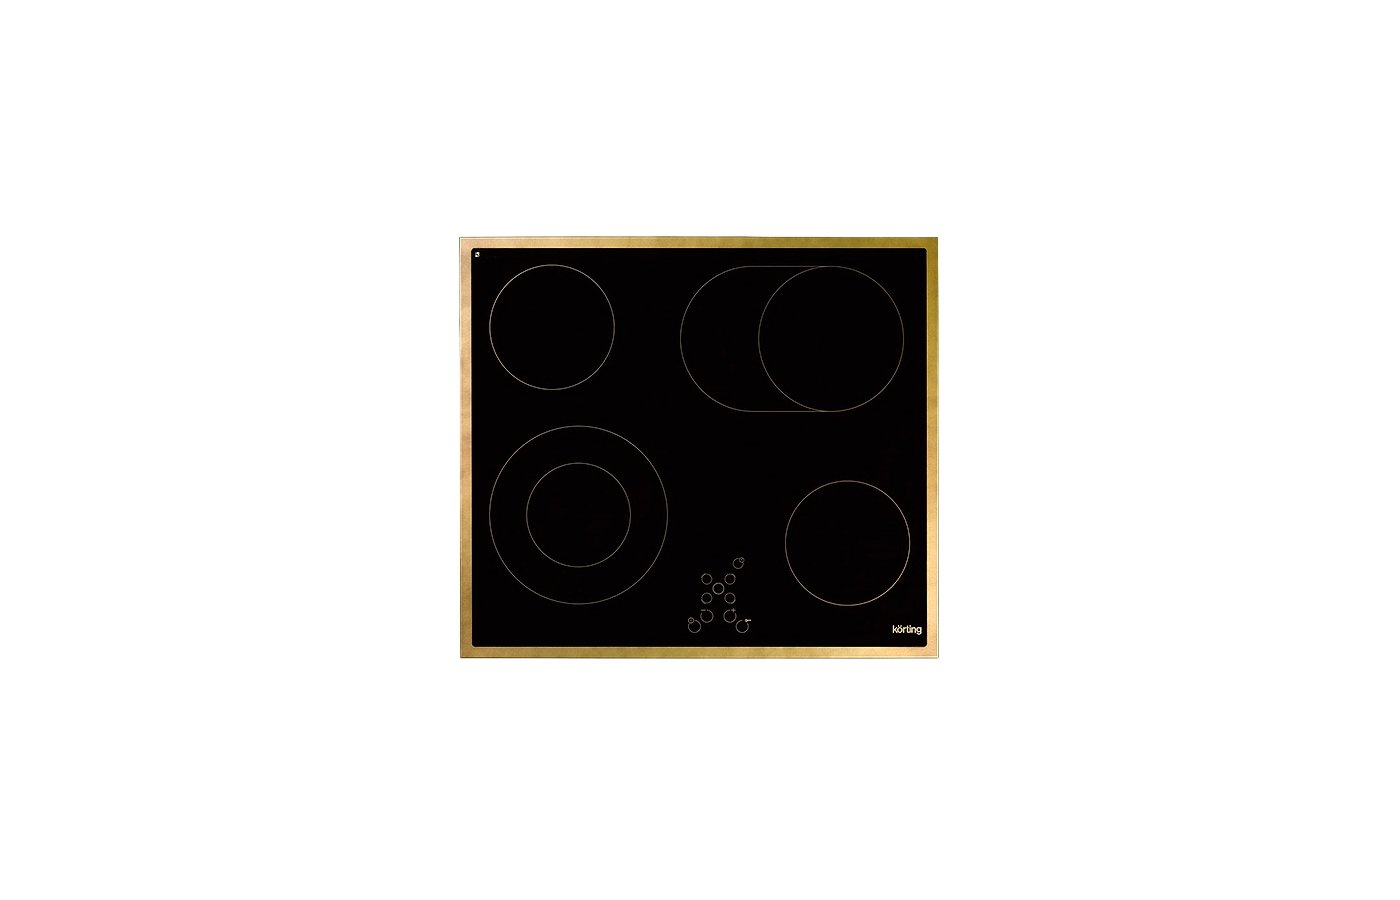 Варочная панель KORTING HK 6205 RN